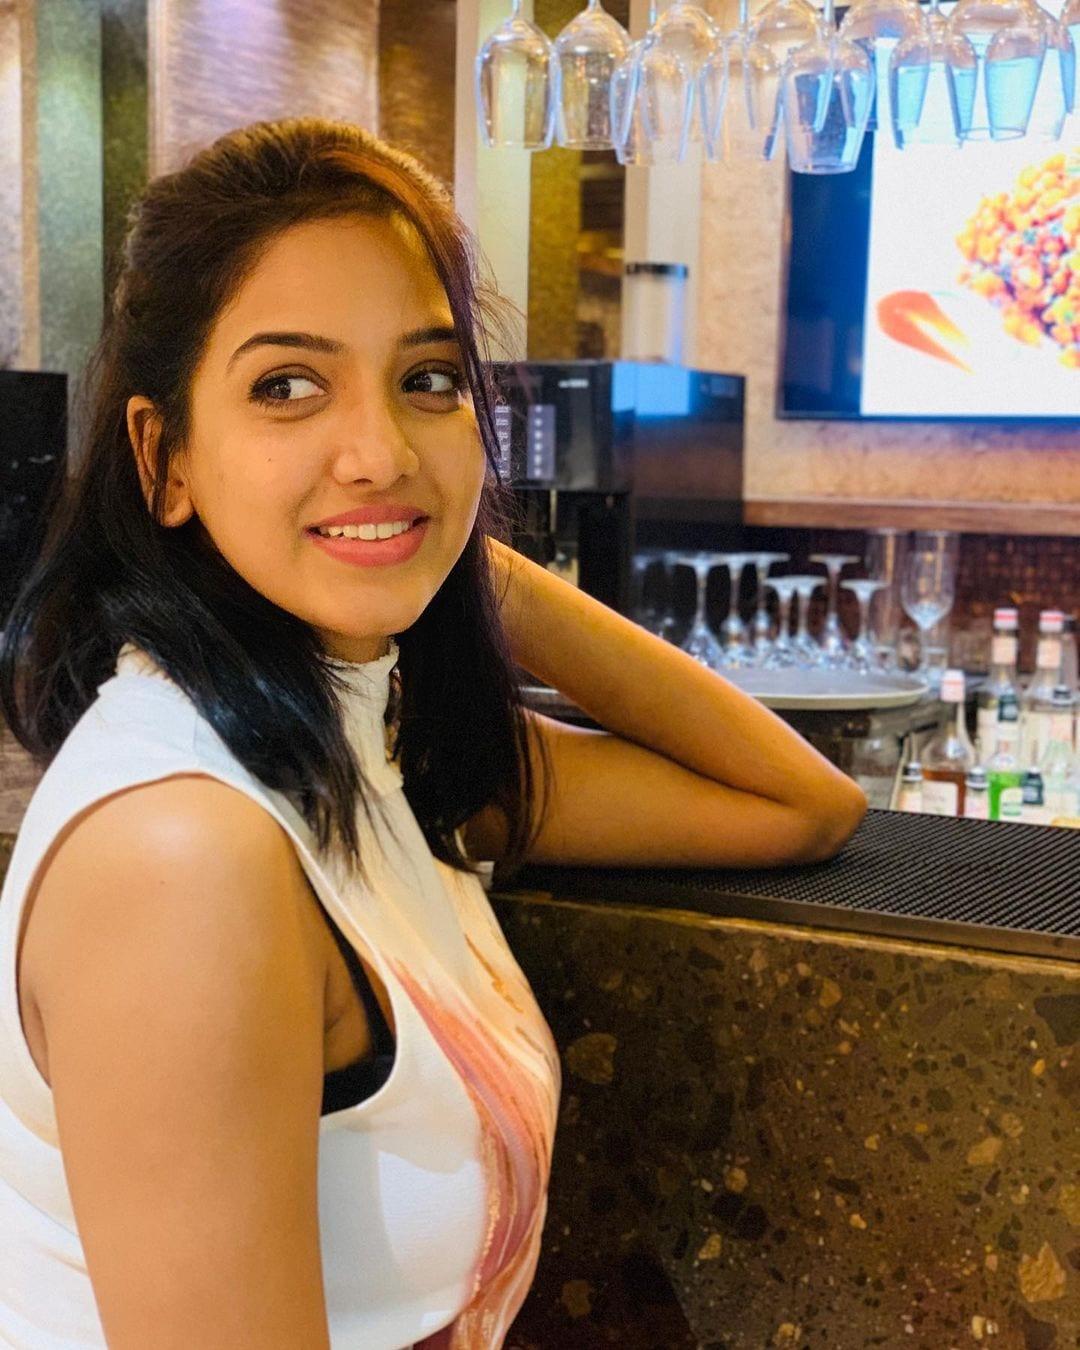 நடிகை பவானி ரெட்டி ( Image :Instagram @pavani9_reddy)